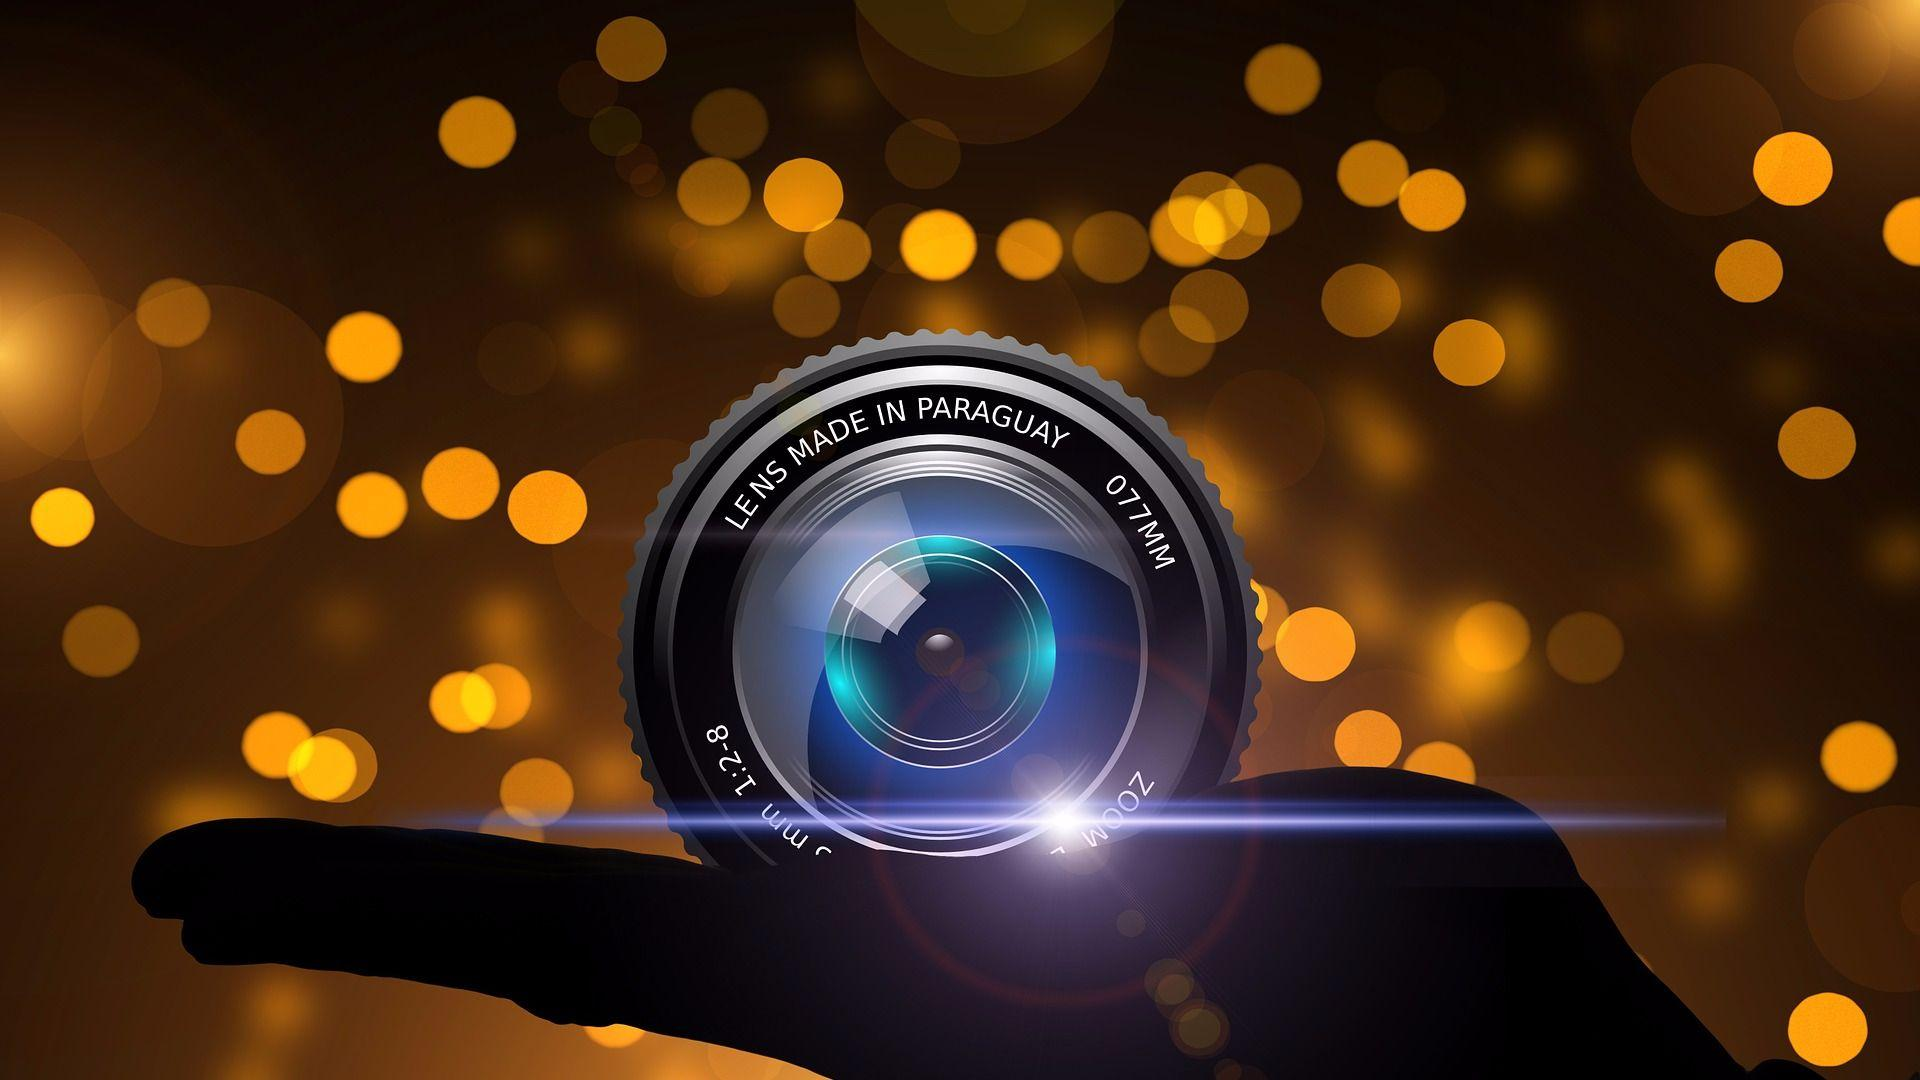 Как сфоткаться на веб-камеру: Фотографируемся на документы и иллюстрируем личную переписку